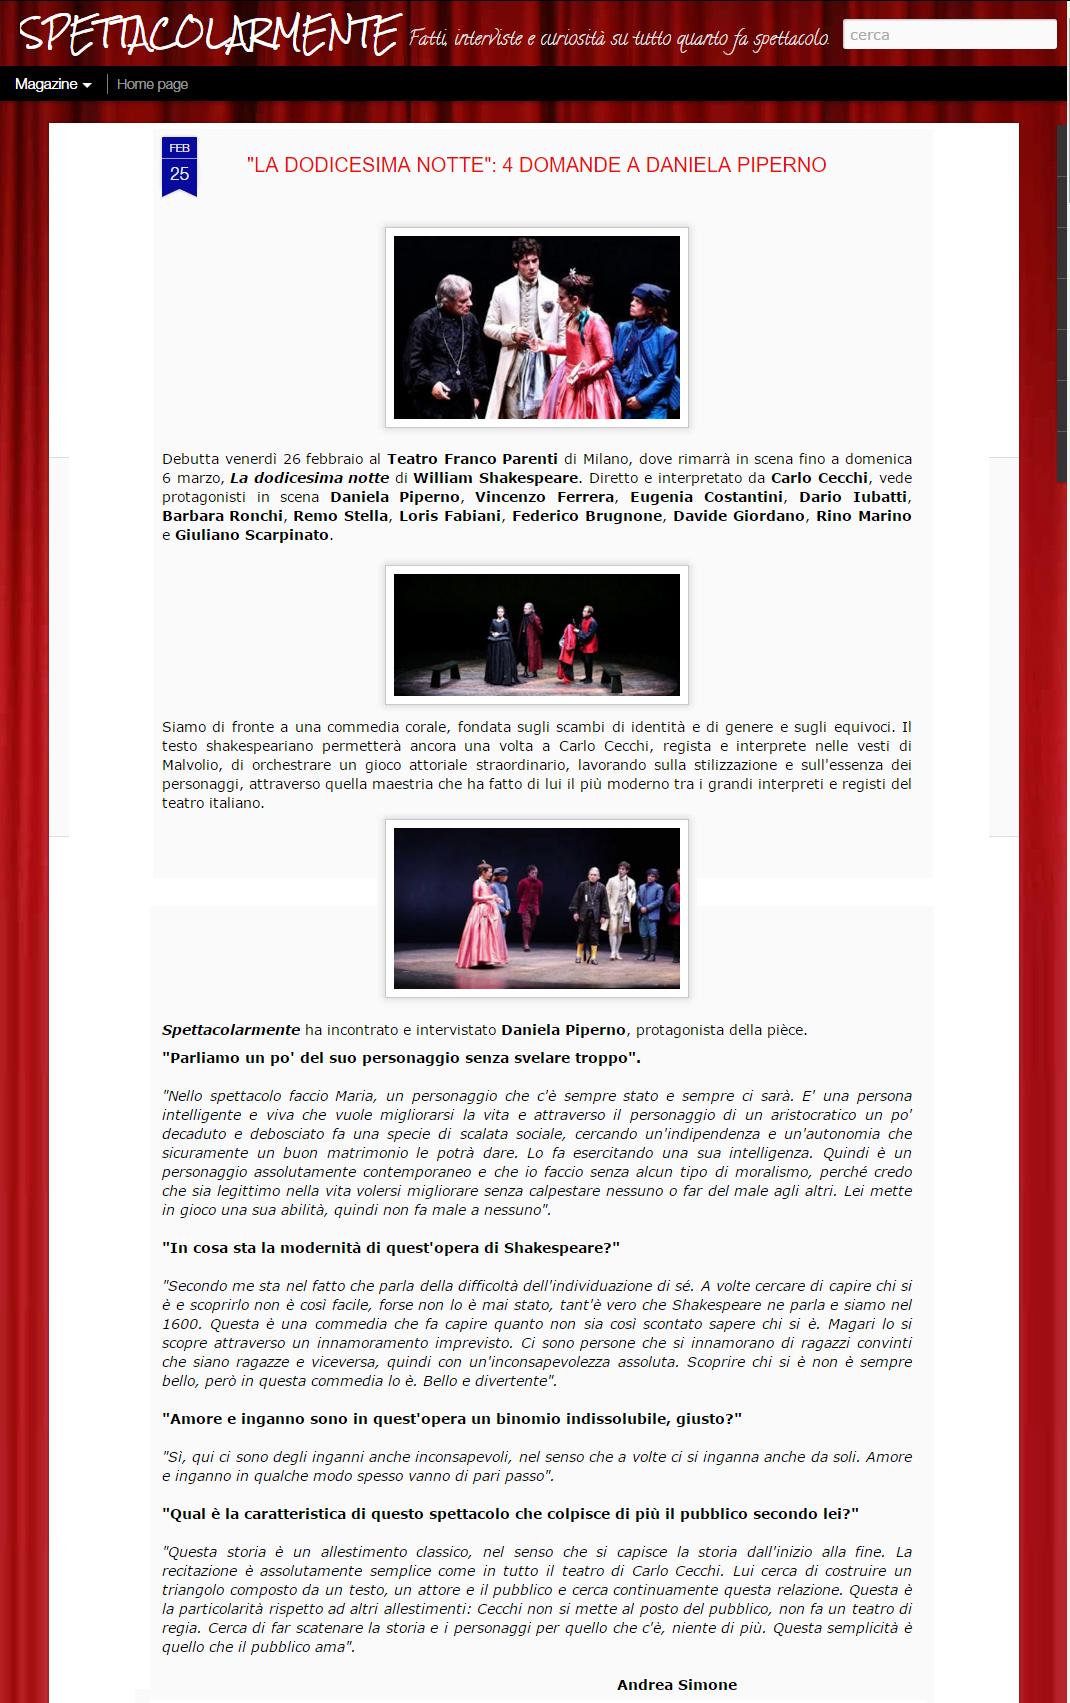 2016.02.26-Quattro-domande-a-Daniela-Piperno---spettacolarmente.net